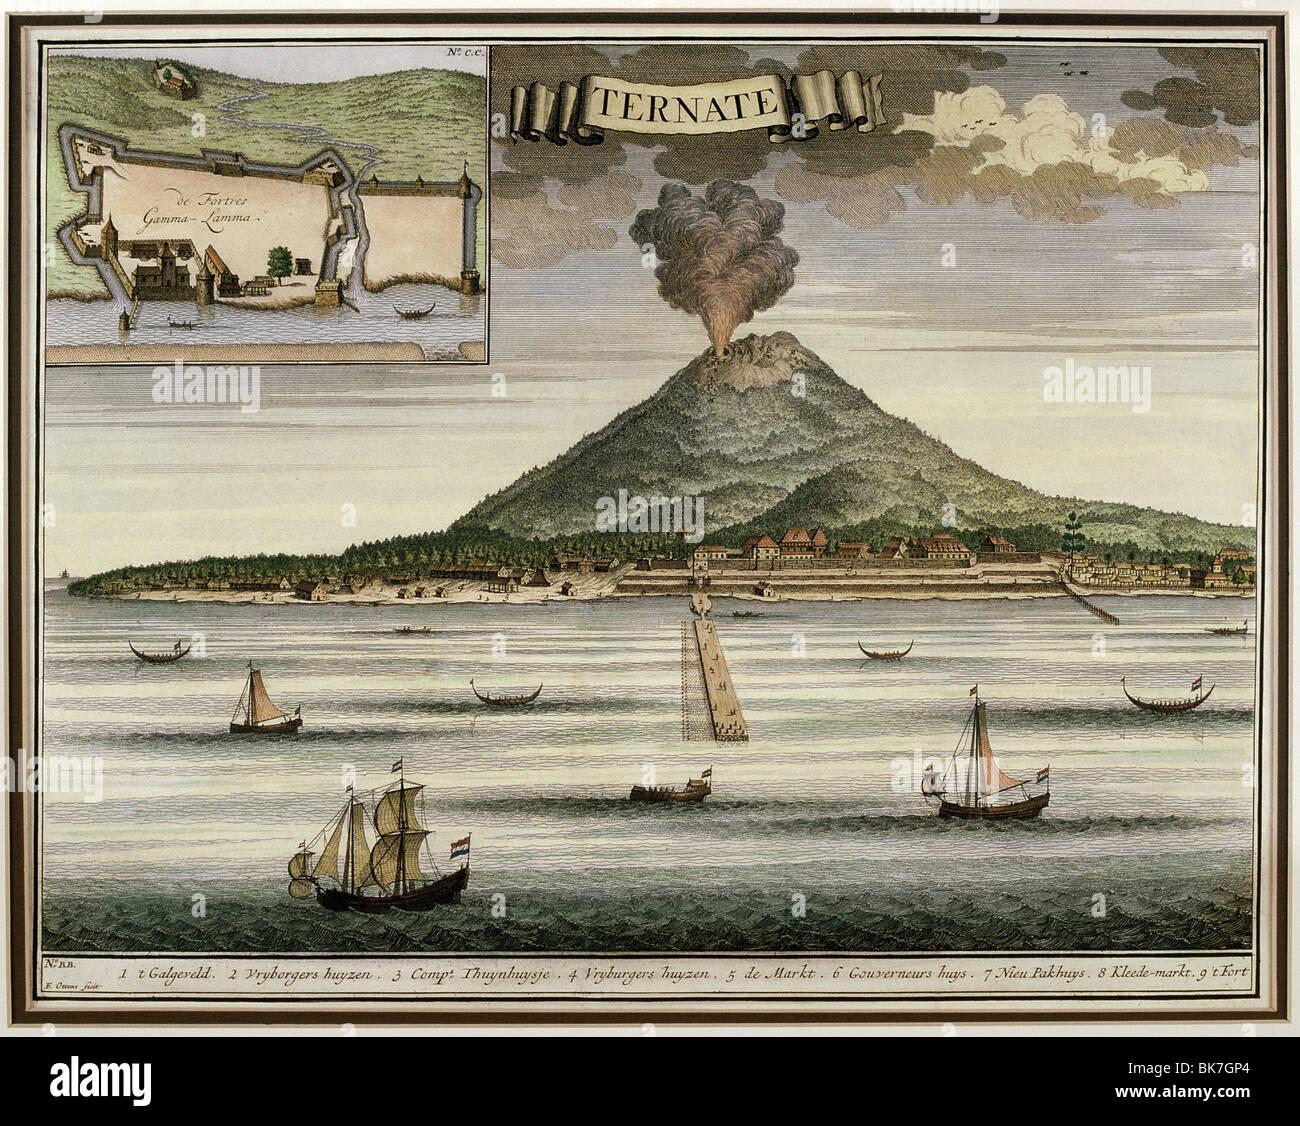 Illustration de François Valentijn au xviiie siècle, Oud Nieuw Oost-Indien montrant l'île de Photo Stock